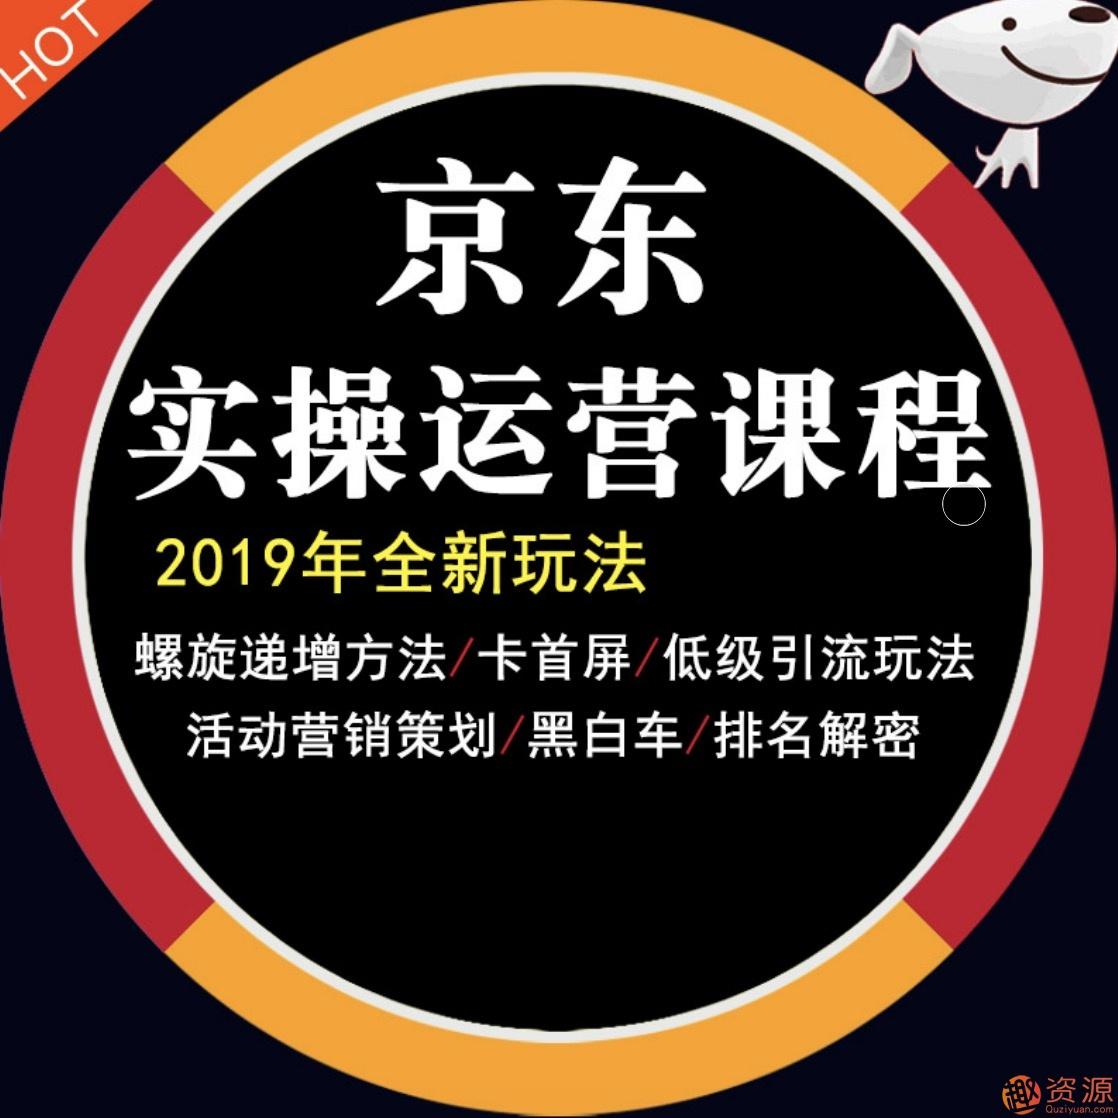 2019京东平台店铺运营教程快车营销技巧高级开店全套电商视频教学